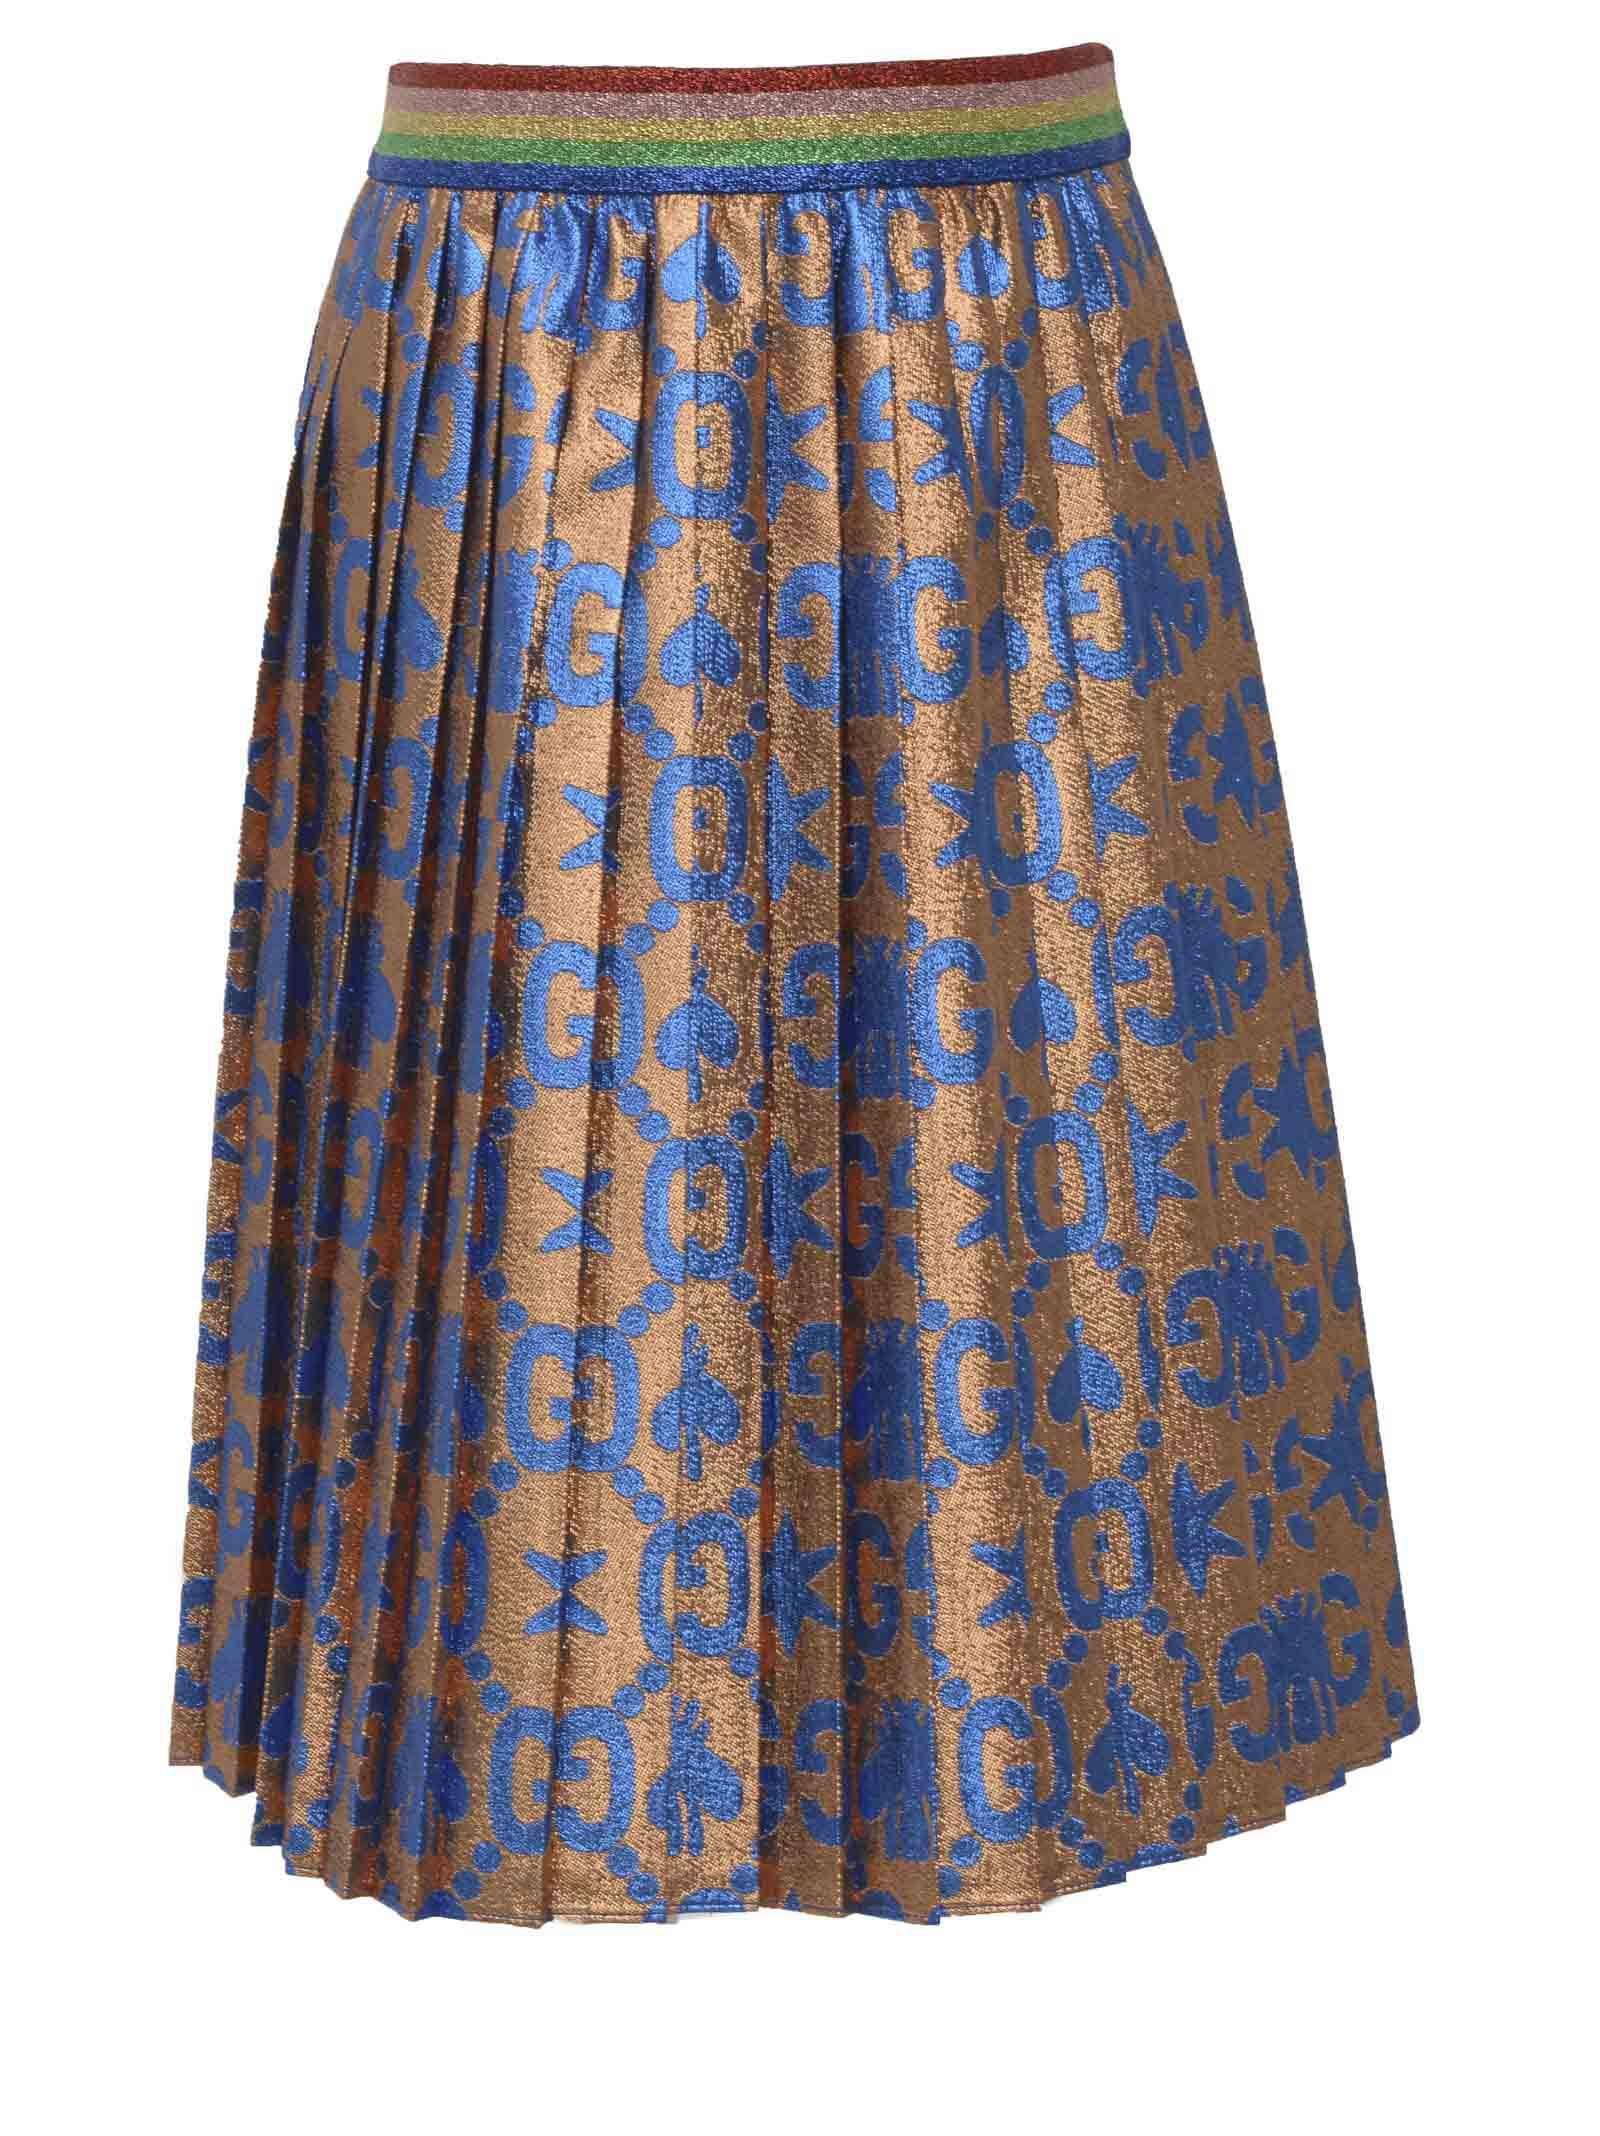 a28cbfd880 Skirt Gucci Junior - Gucci Junior - Michele Franzese Moda